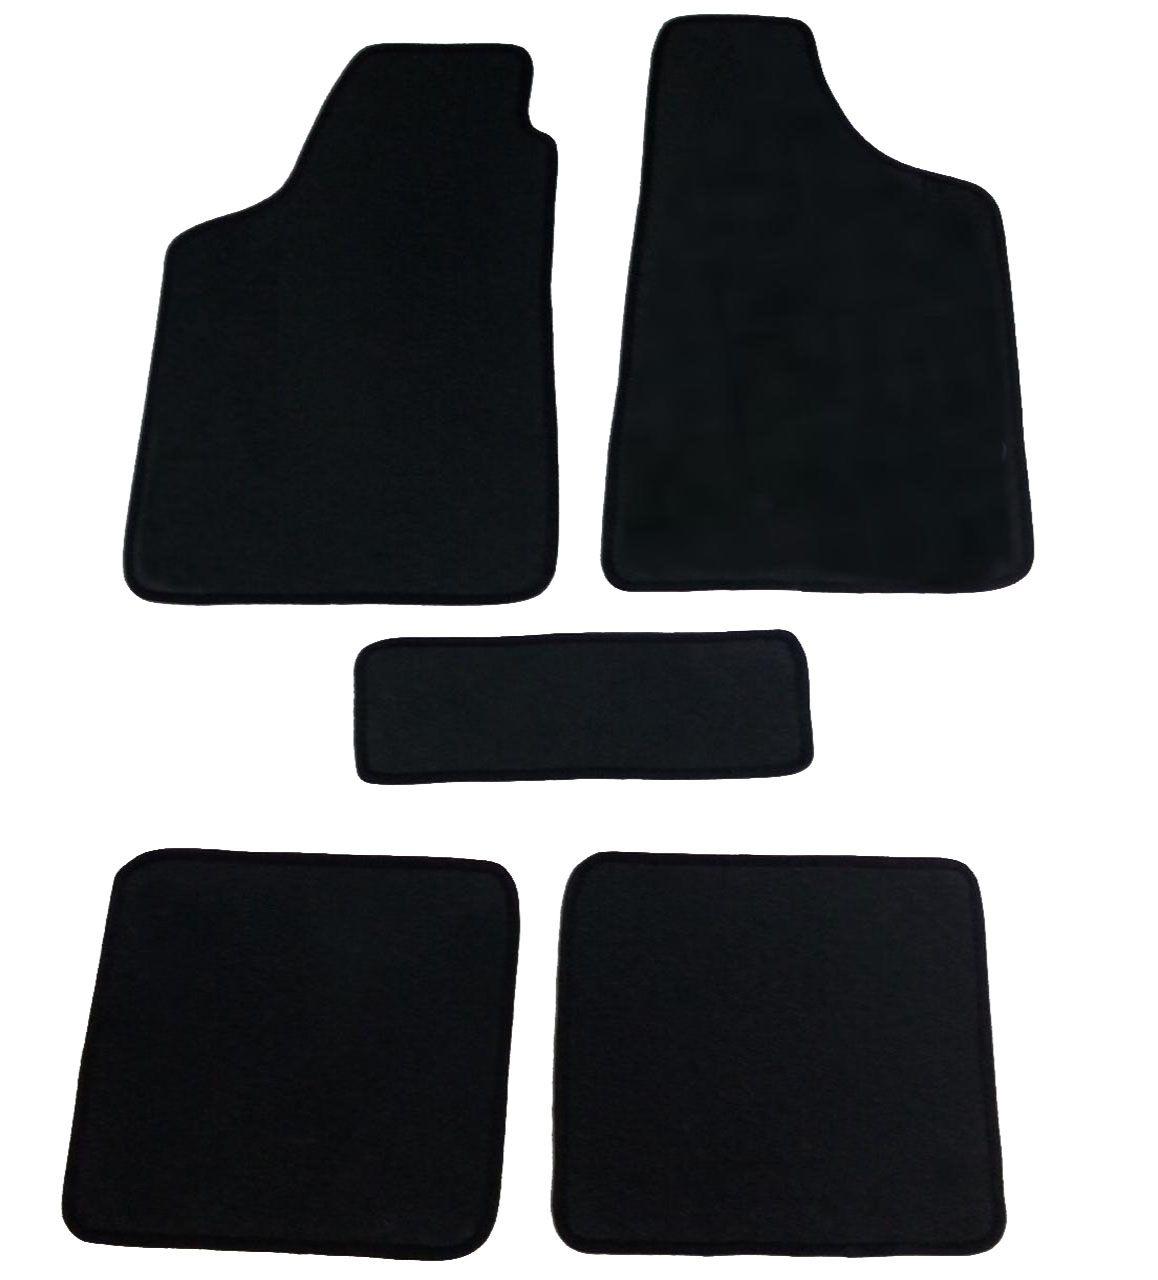 Tapete Fiat Uno Carpete Exclusiv Base Pinada